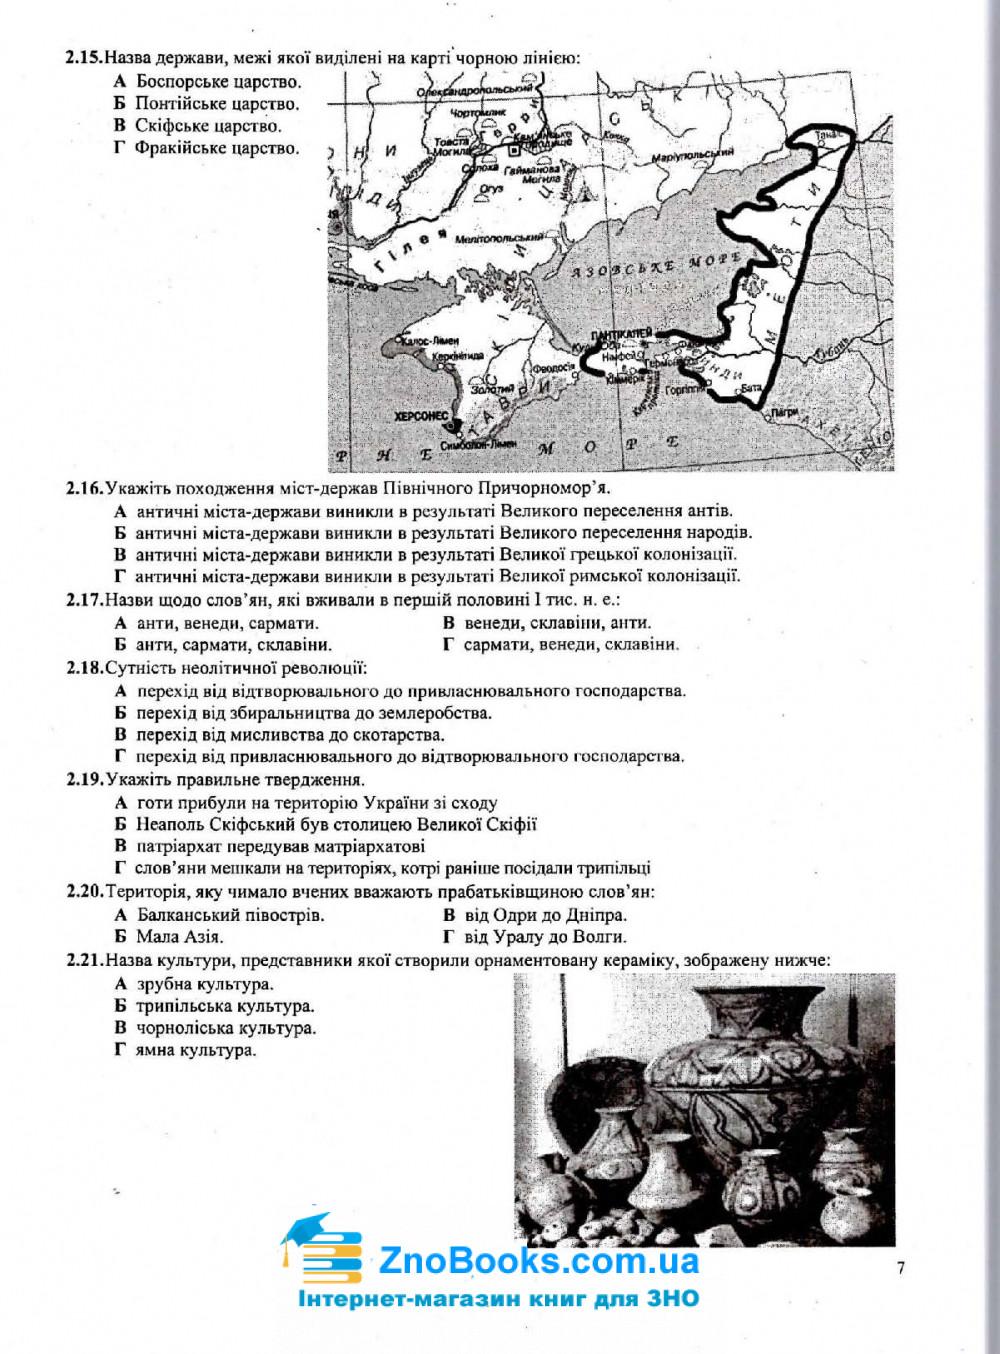 ЗНО 2021 Історія України. Збірник тестів : Панчук І. Підручники і посібники. купити  7